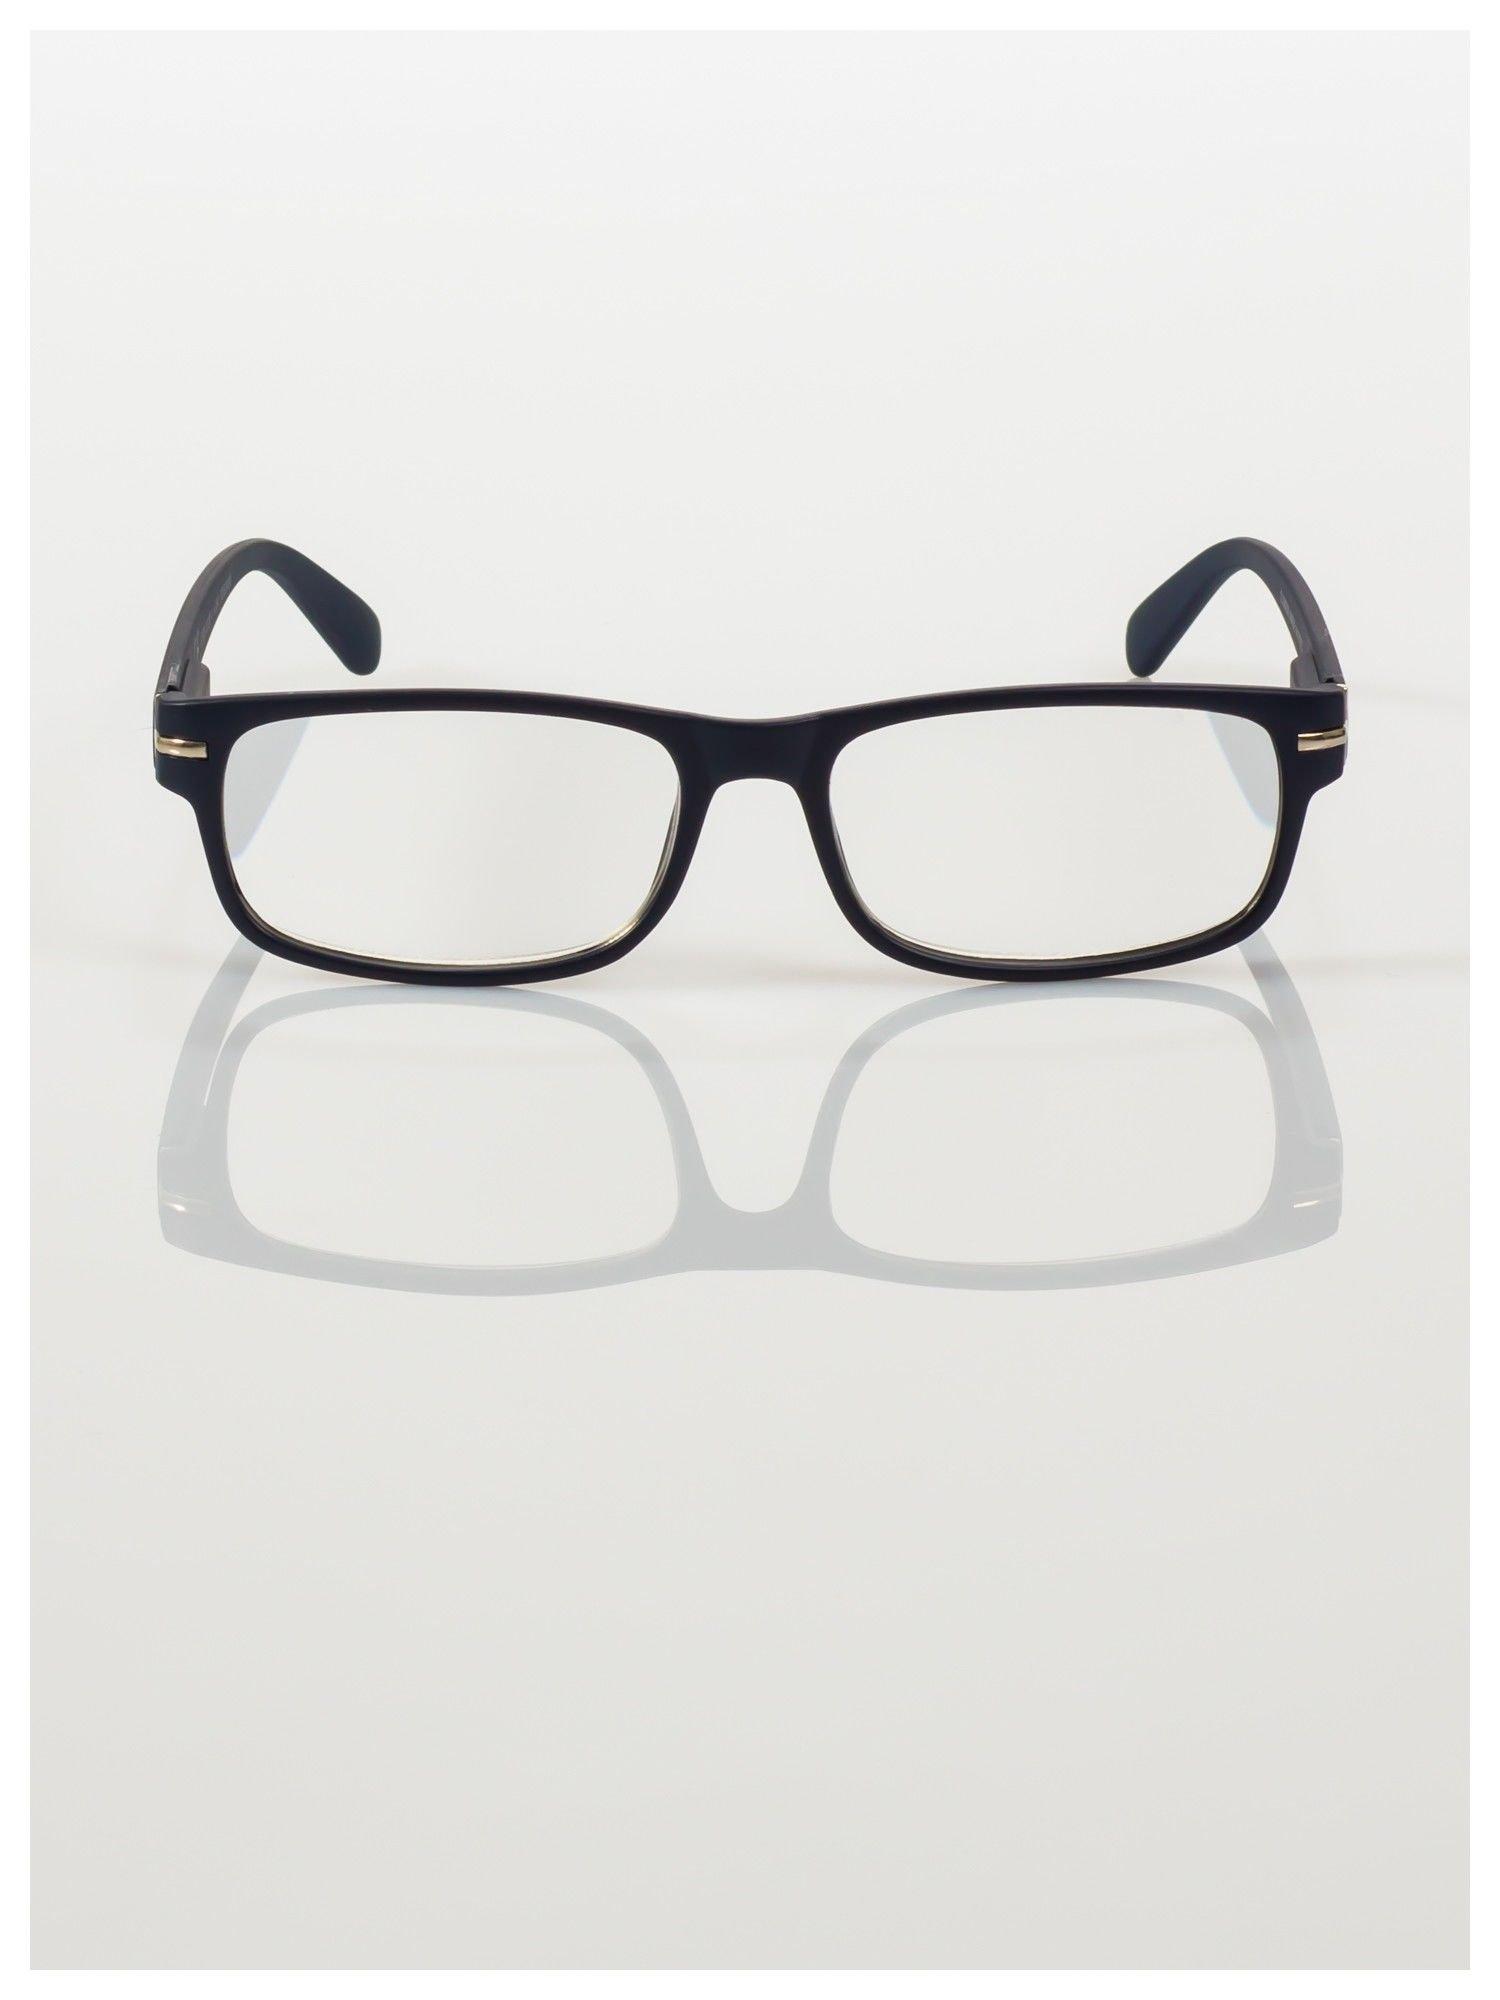 Eleganckie czarne matowe korekcyjne okulary do czytania +1.0 D  z sytemem FLEX na zausznikach                                  zdj.                                  2